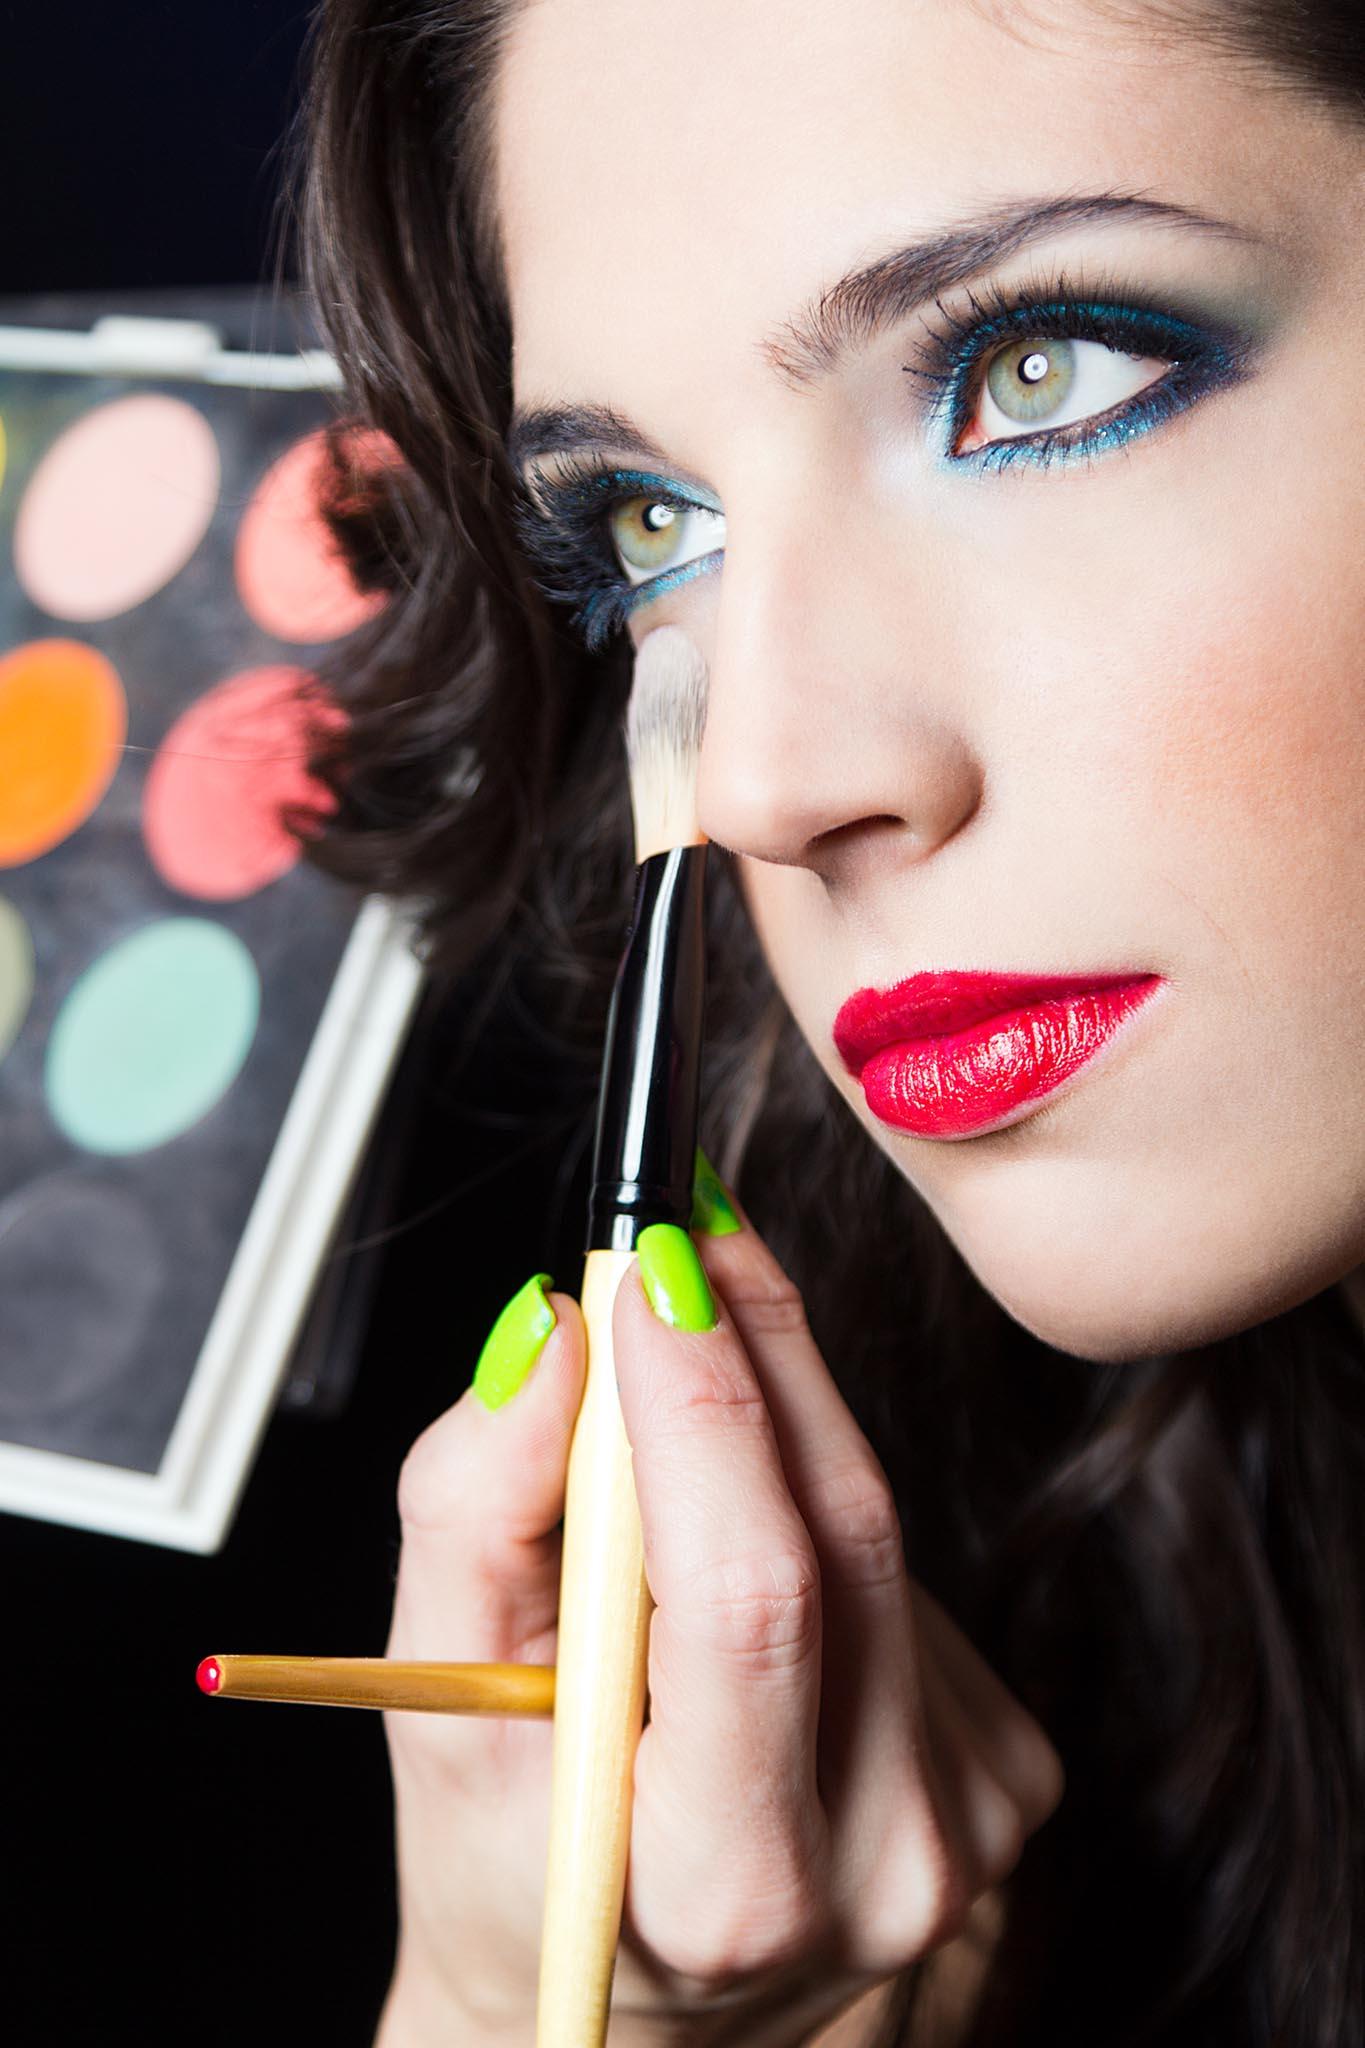 consejos maquillaje ojos Consejos sobre maquillaje de ojos y evitar infecciones